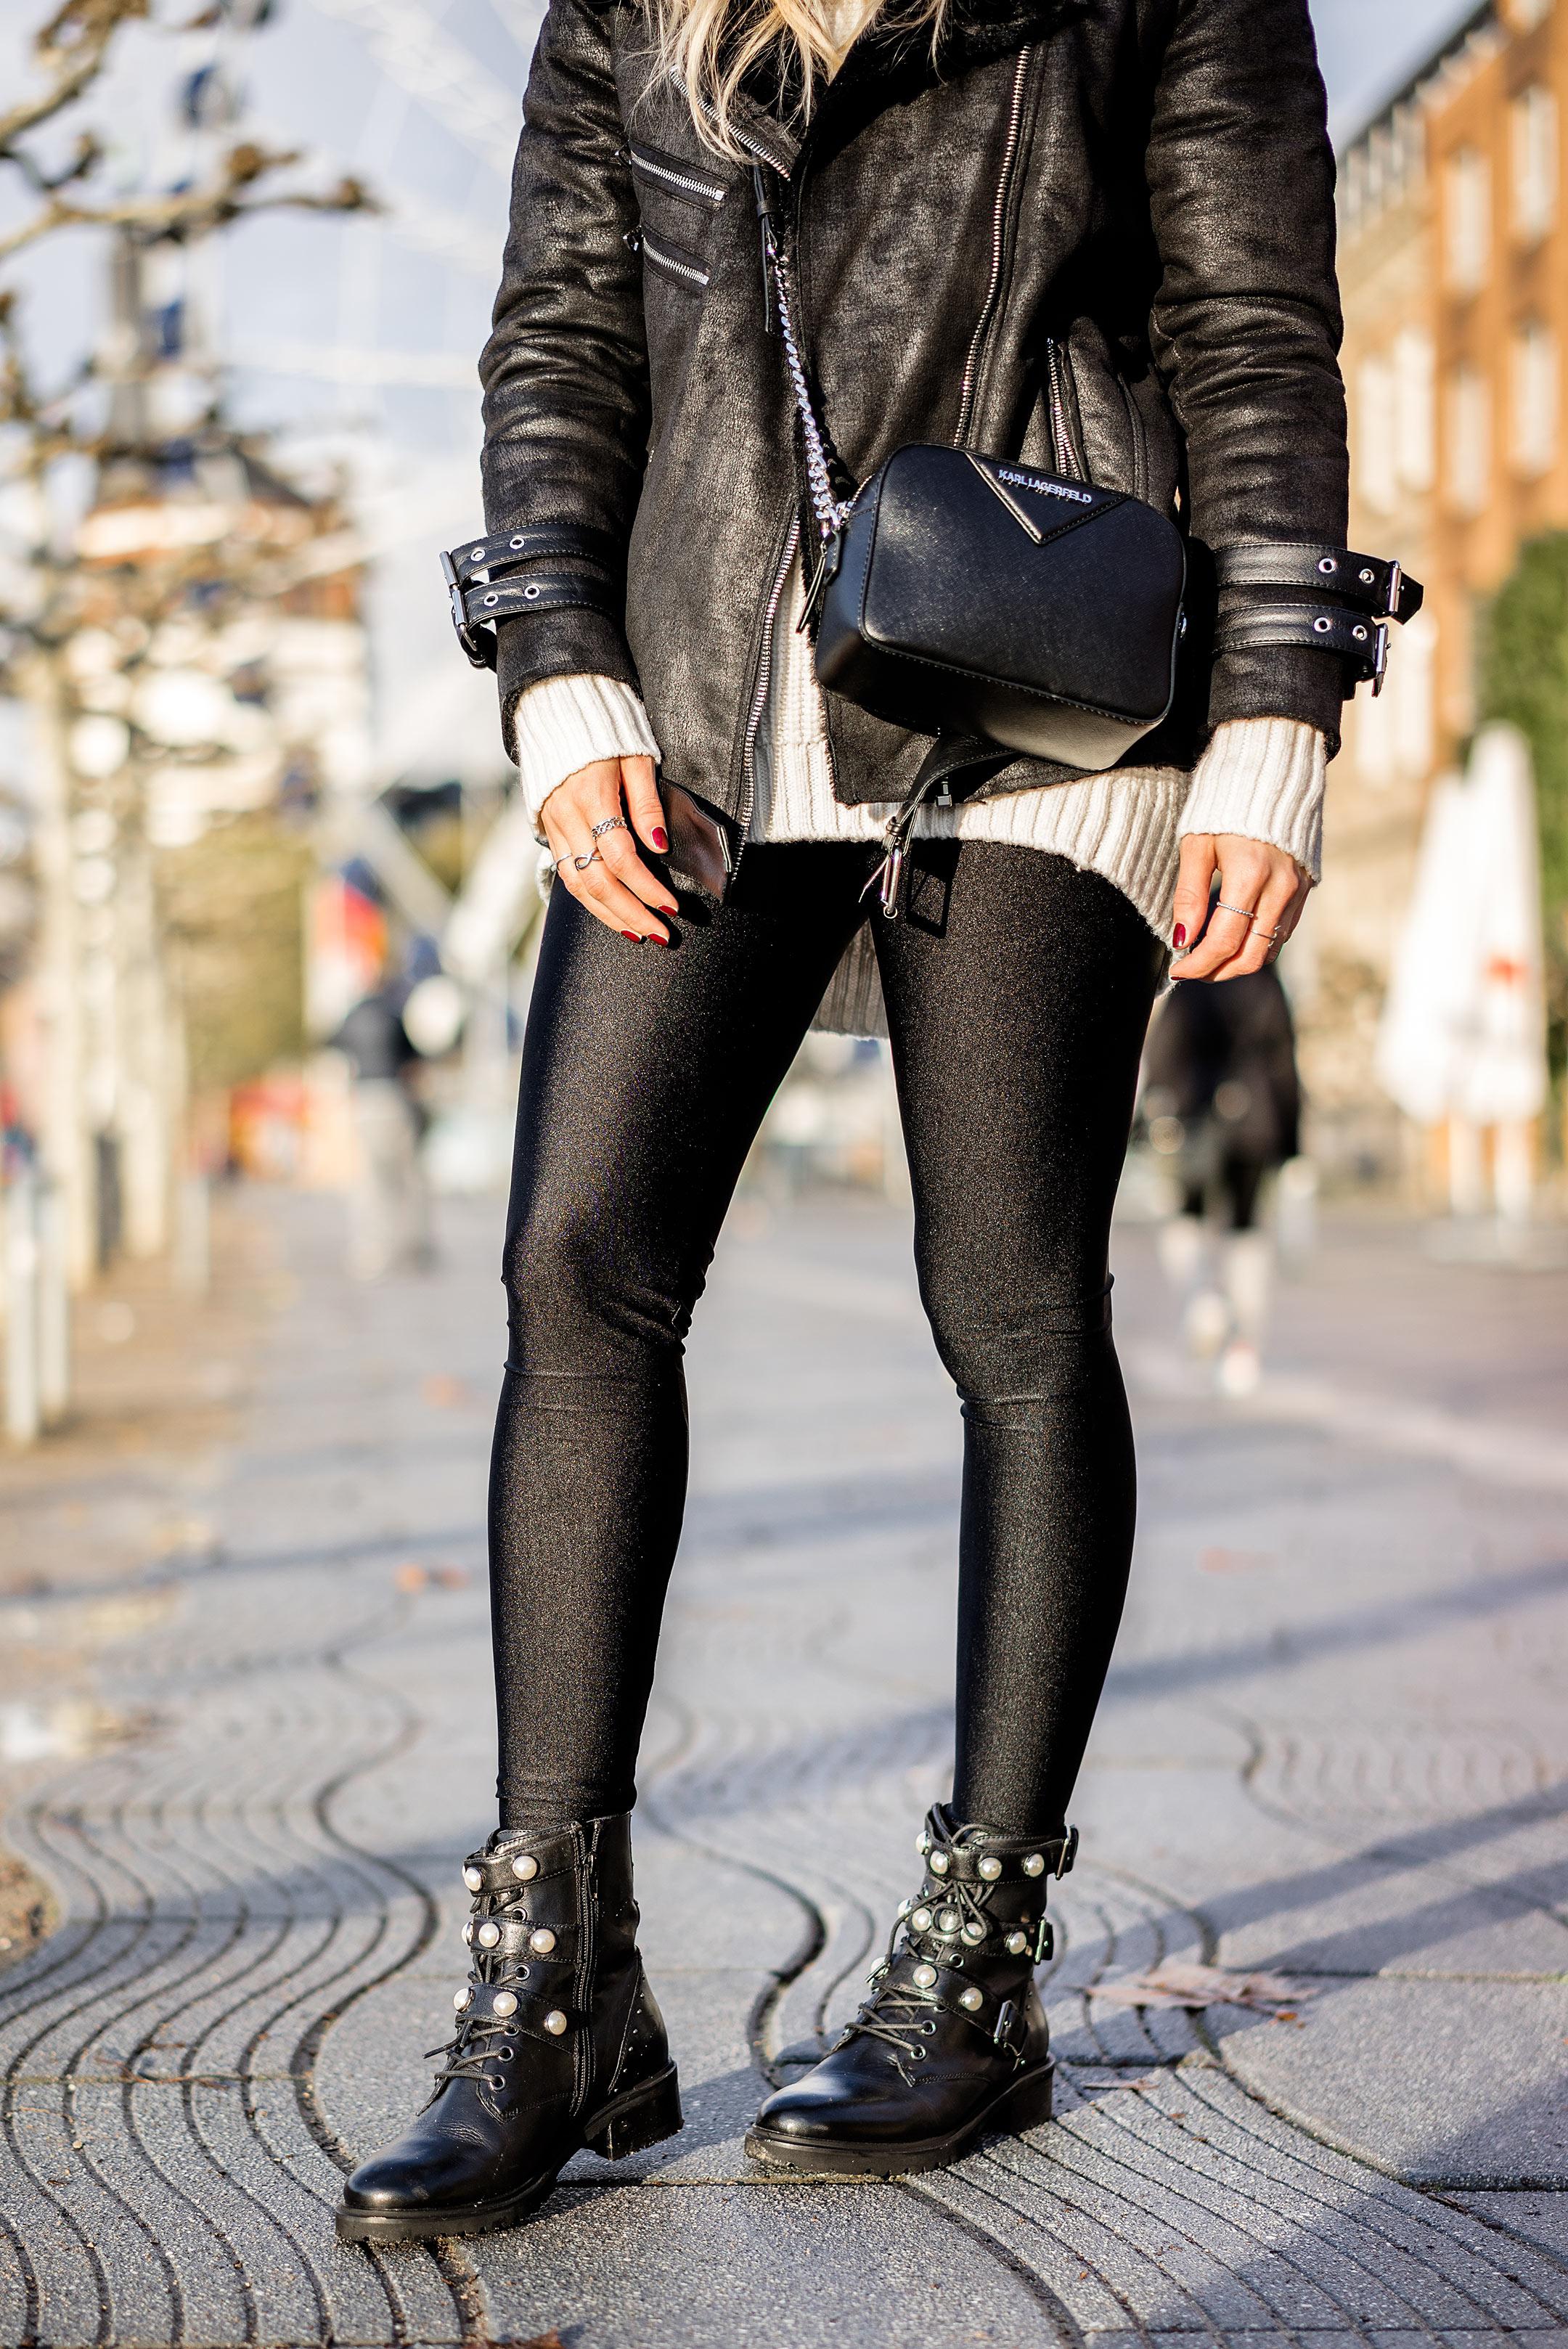 Sacha Biker Boots mit Perlen und Schnallen Outfit Herbst Fashion Blogger Sunnyinga